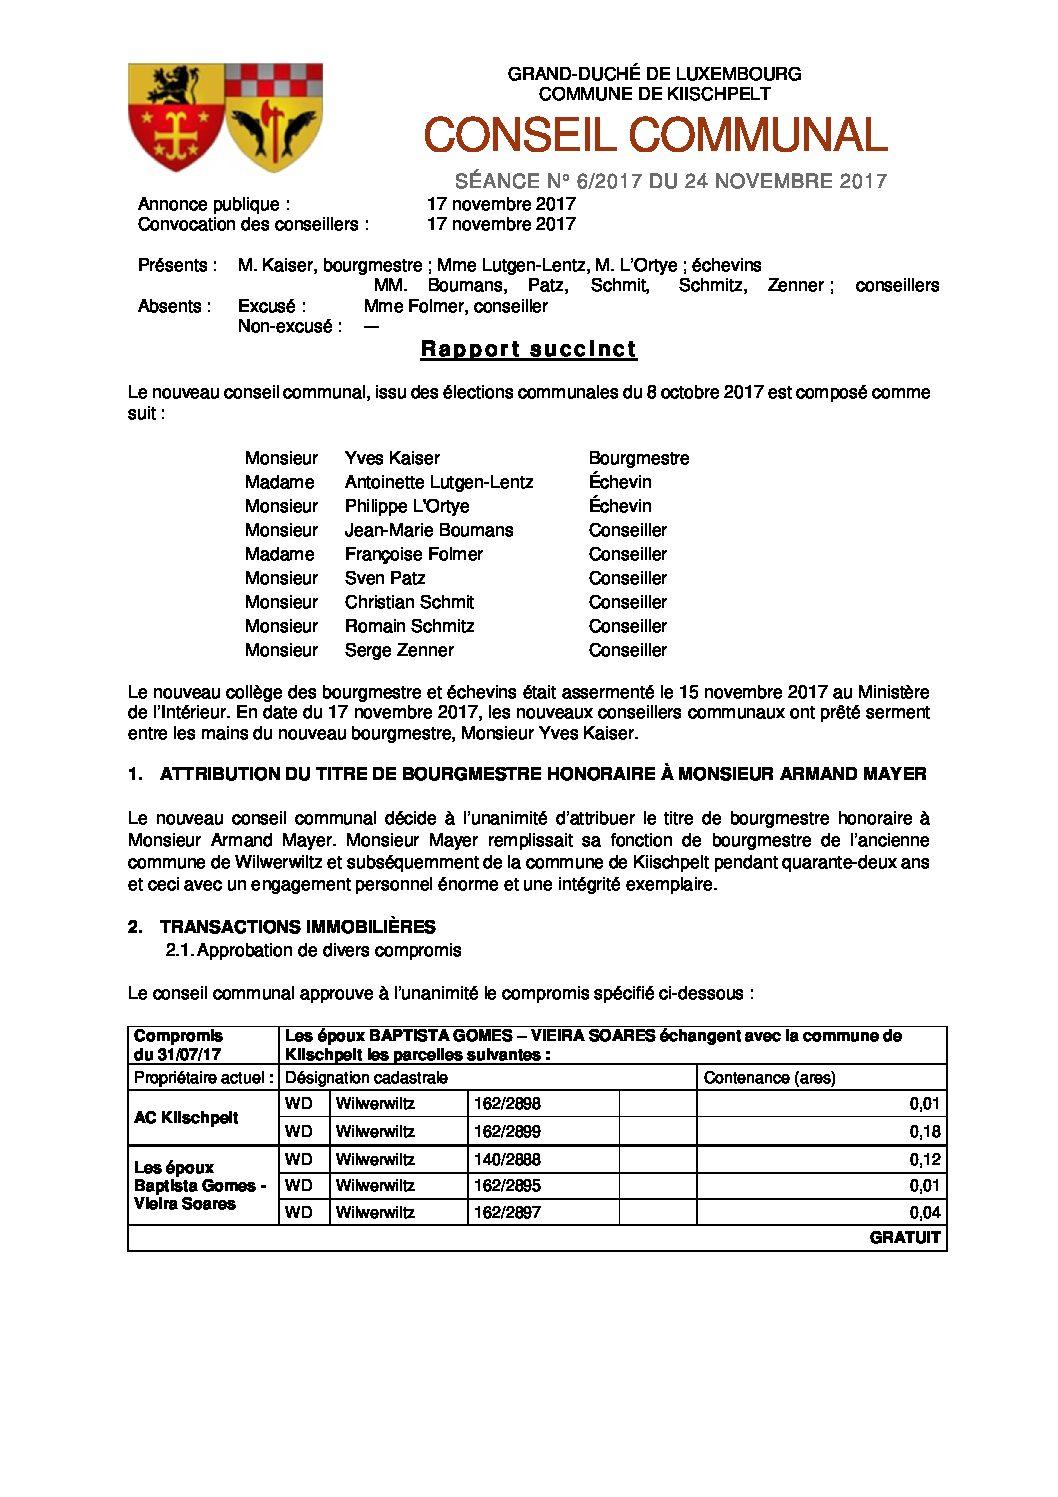 Rapport du conseil communal du 24 novembre 2017